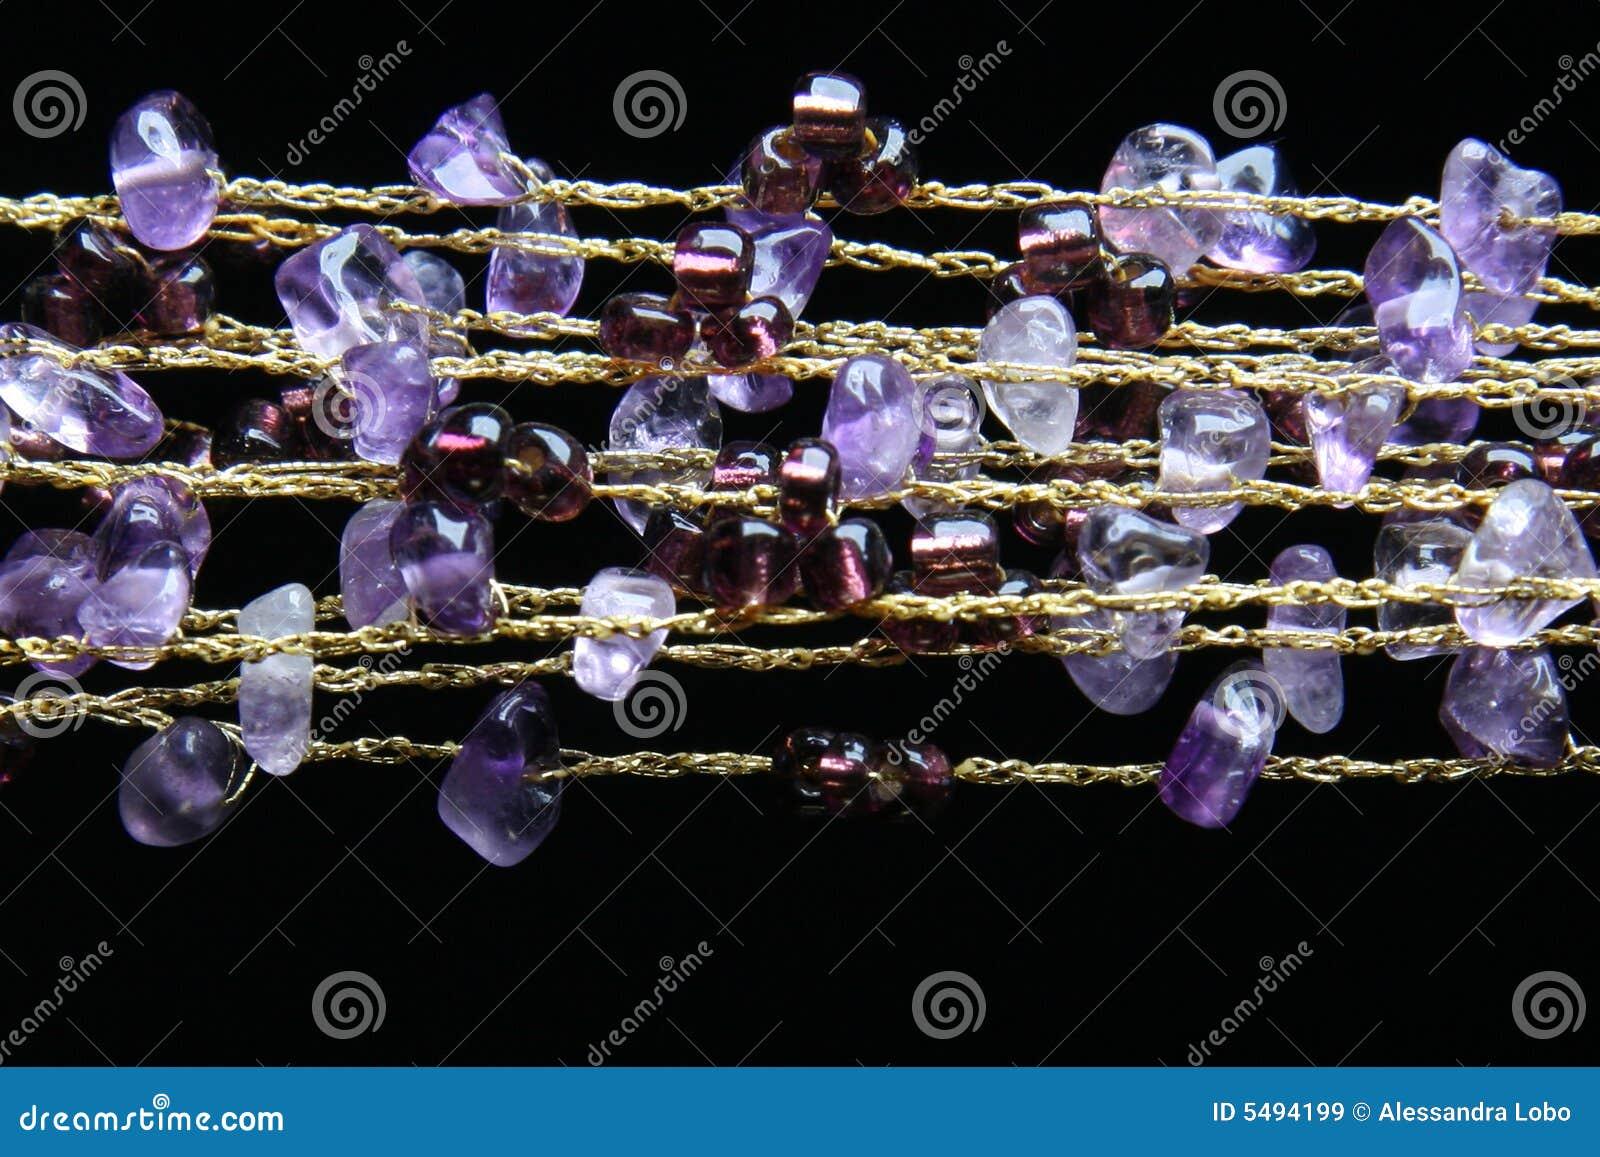 Goldene Halskette mit amethyst Steinen